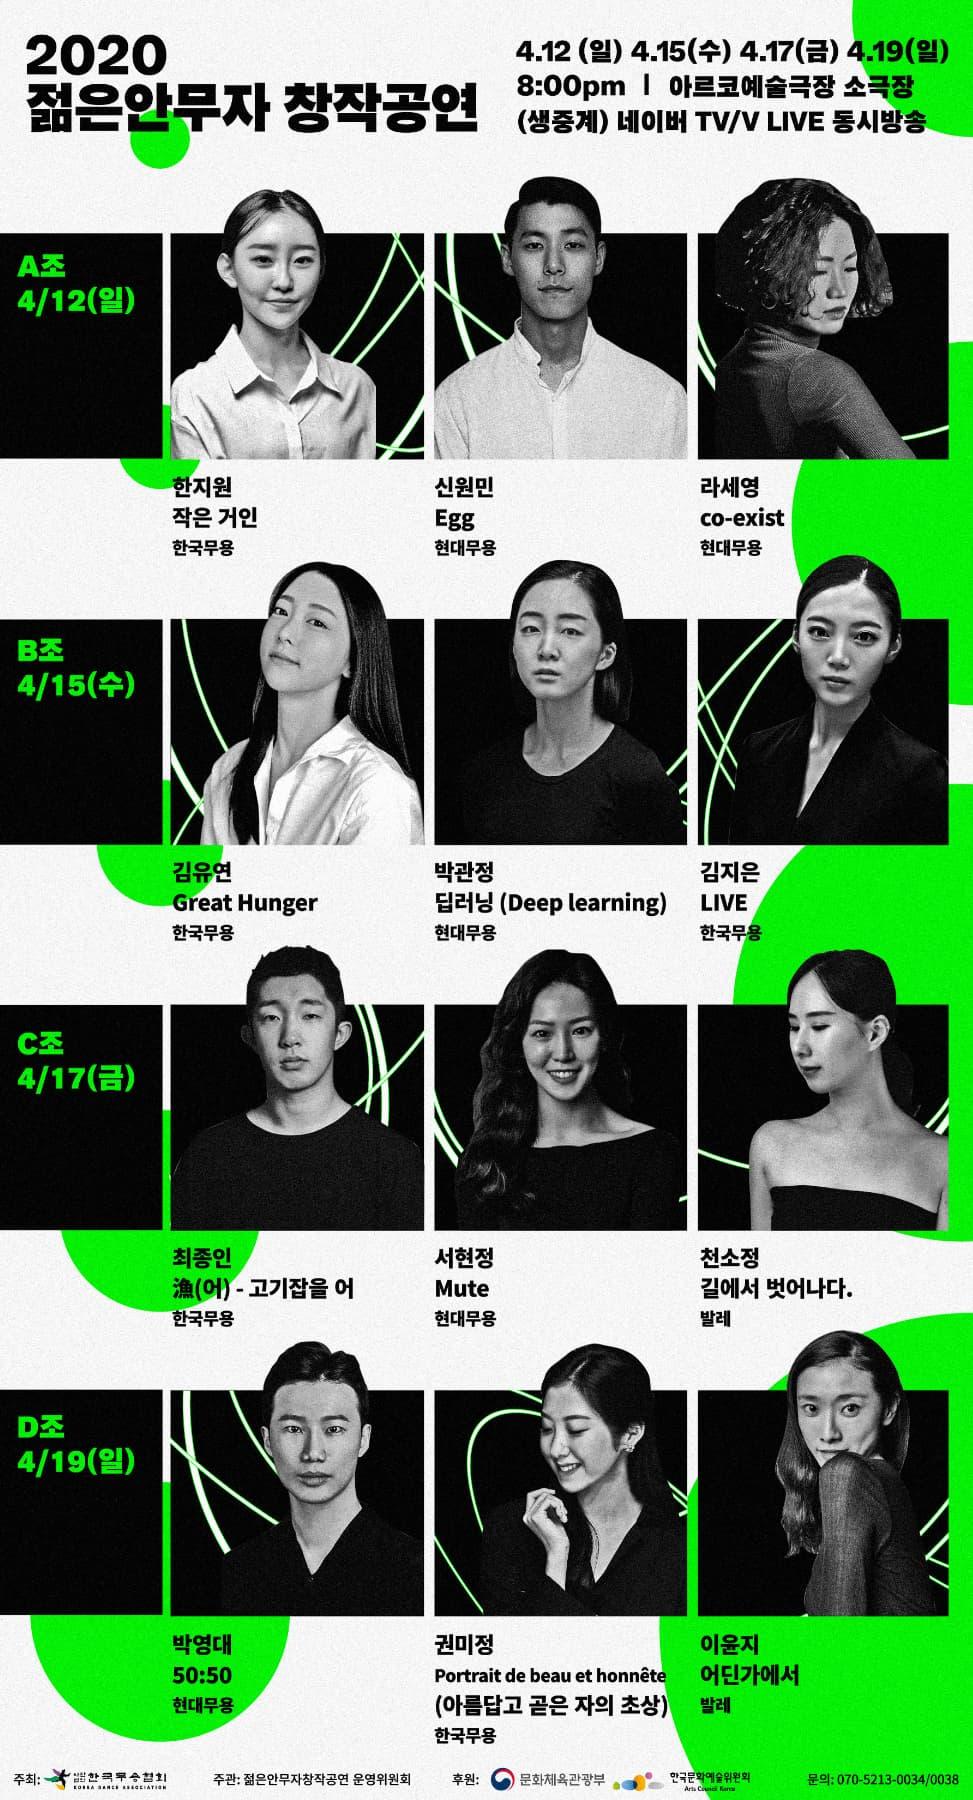 2020 젊은 안무자 창작공연 (2020 Young Choreographers Creative Performance)